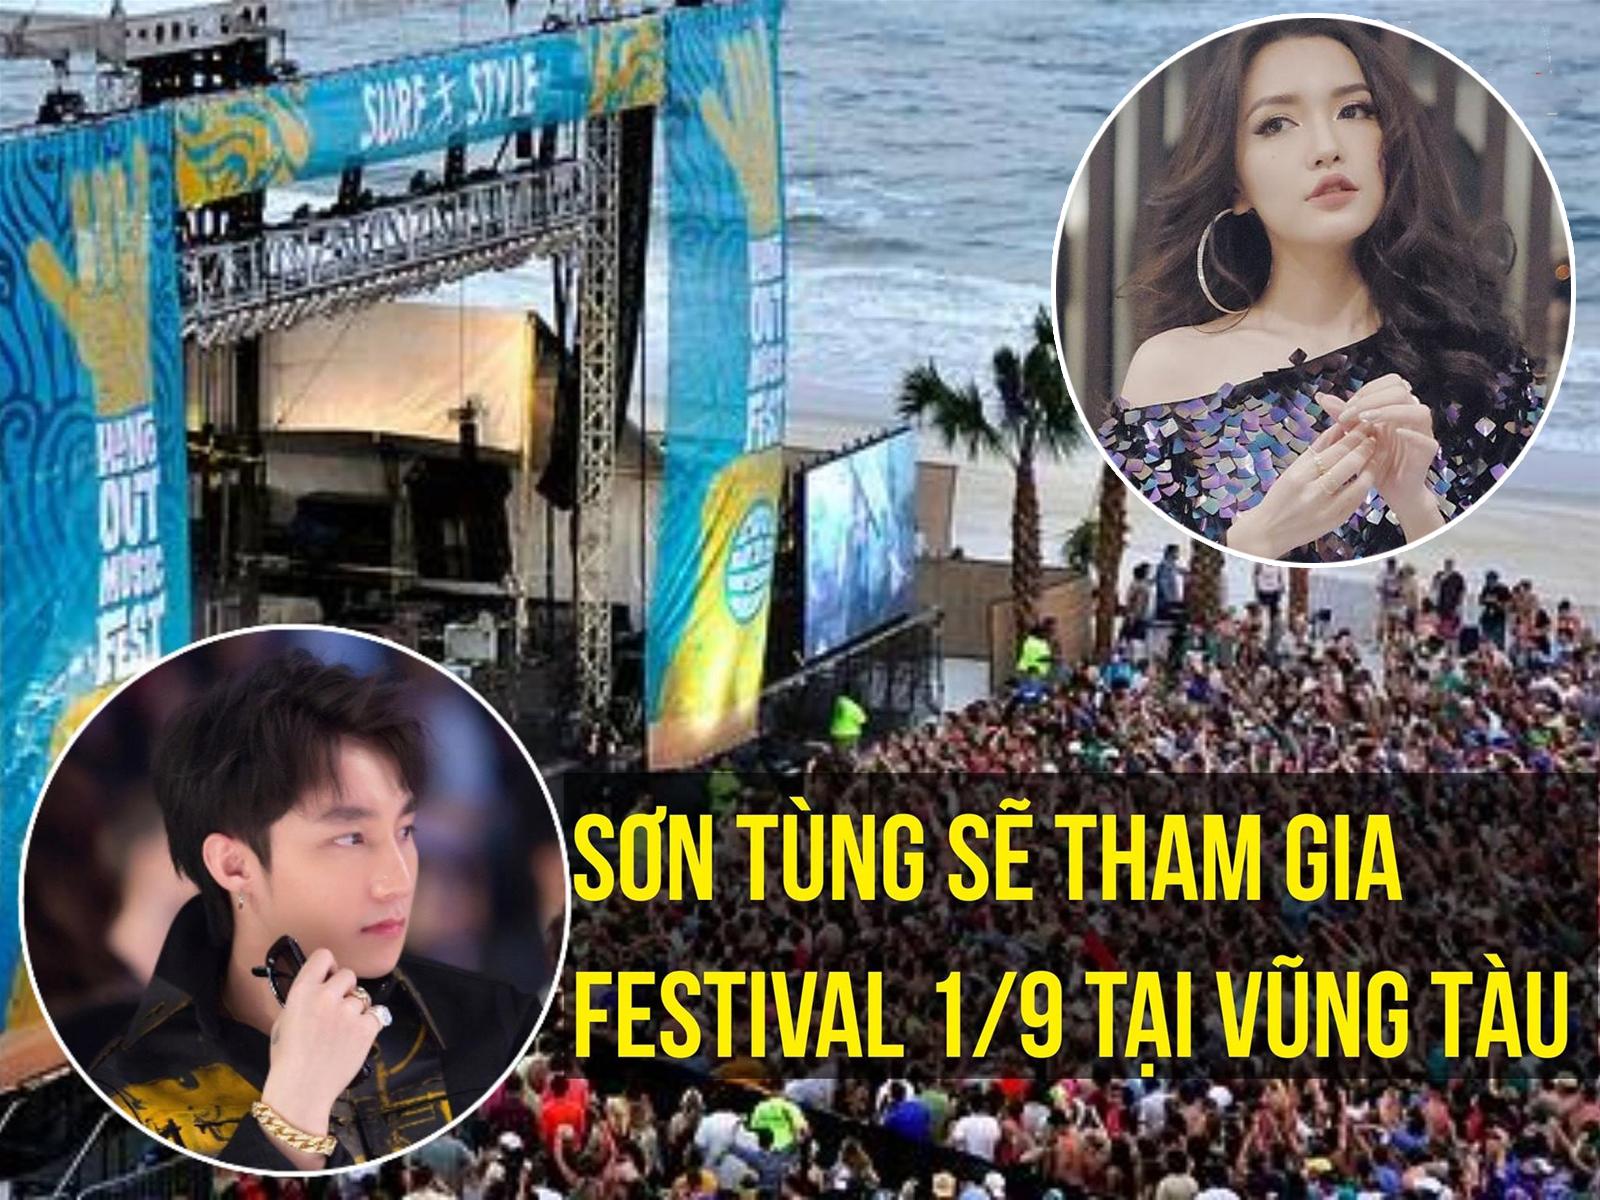 Nghỉ lễ 2/9 lập kèo quẩy Festival biển Bà Rịa - Vũng Tàu hoành tráng nhất 2018